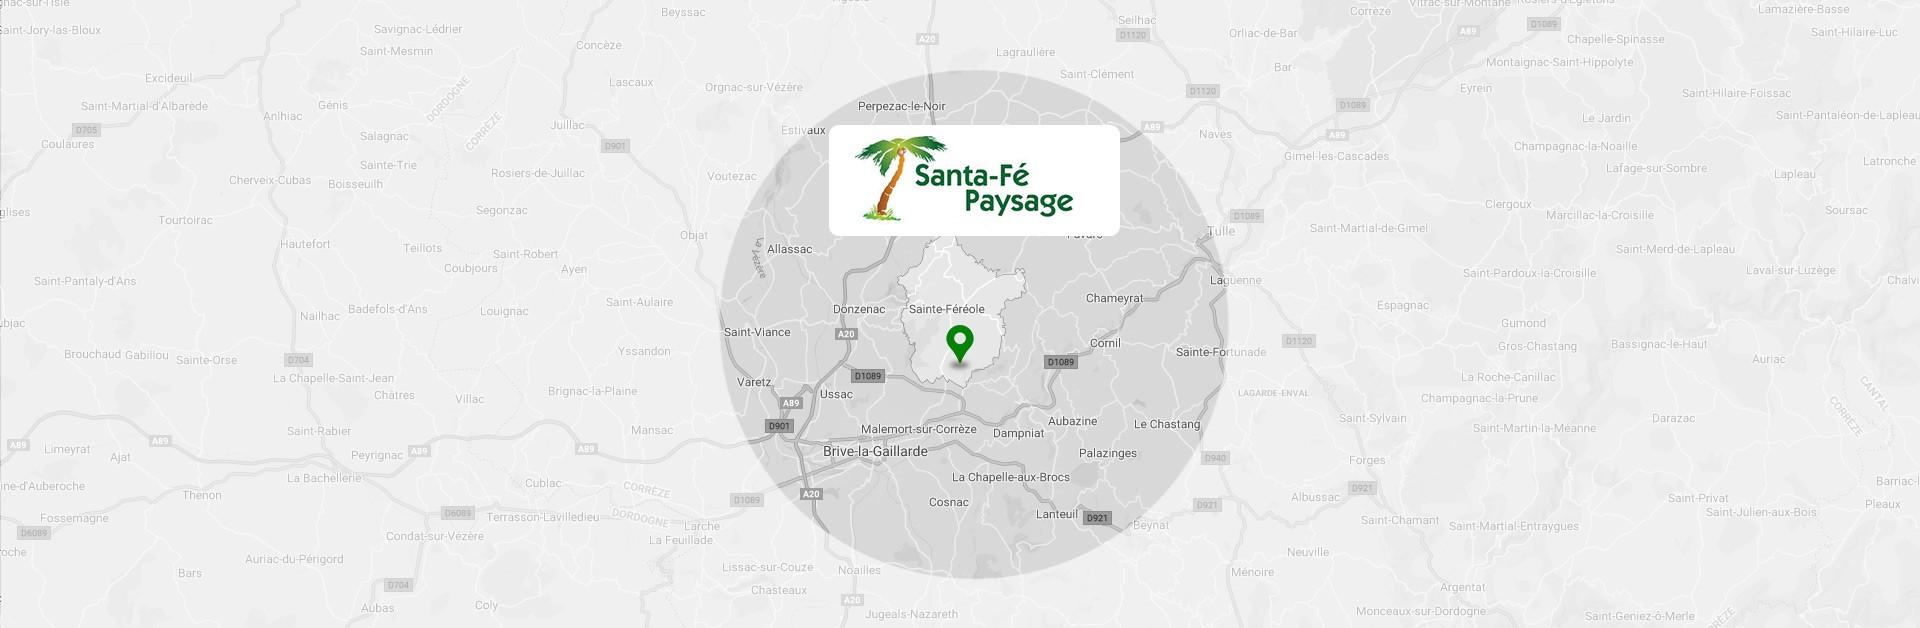 Santa Fe Paysage est une entreprise d'aménagement paysager proposant des prestations d'entretien de jardin près de Brive-la-Gaillarde et Tulle. Basés à Sainte-Féréole, nous accomplissons des missions d'élagage, de tonte et d'abattage.